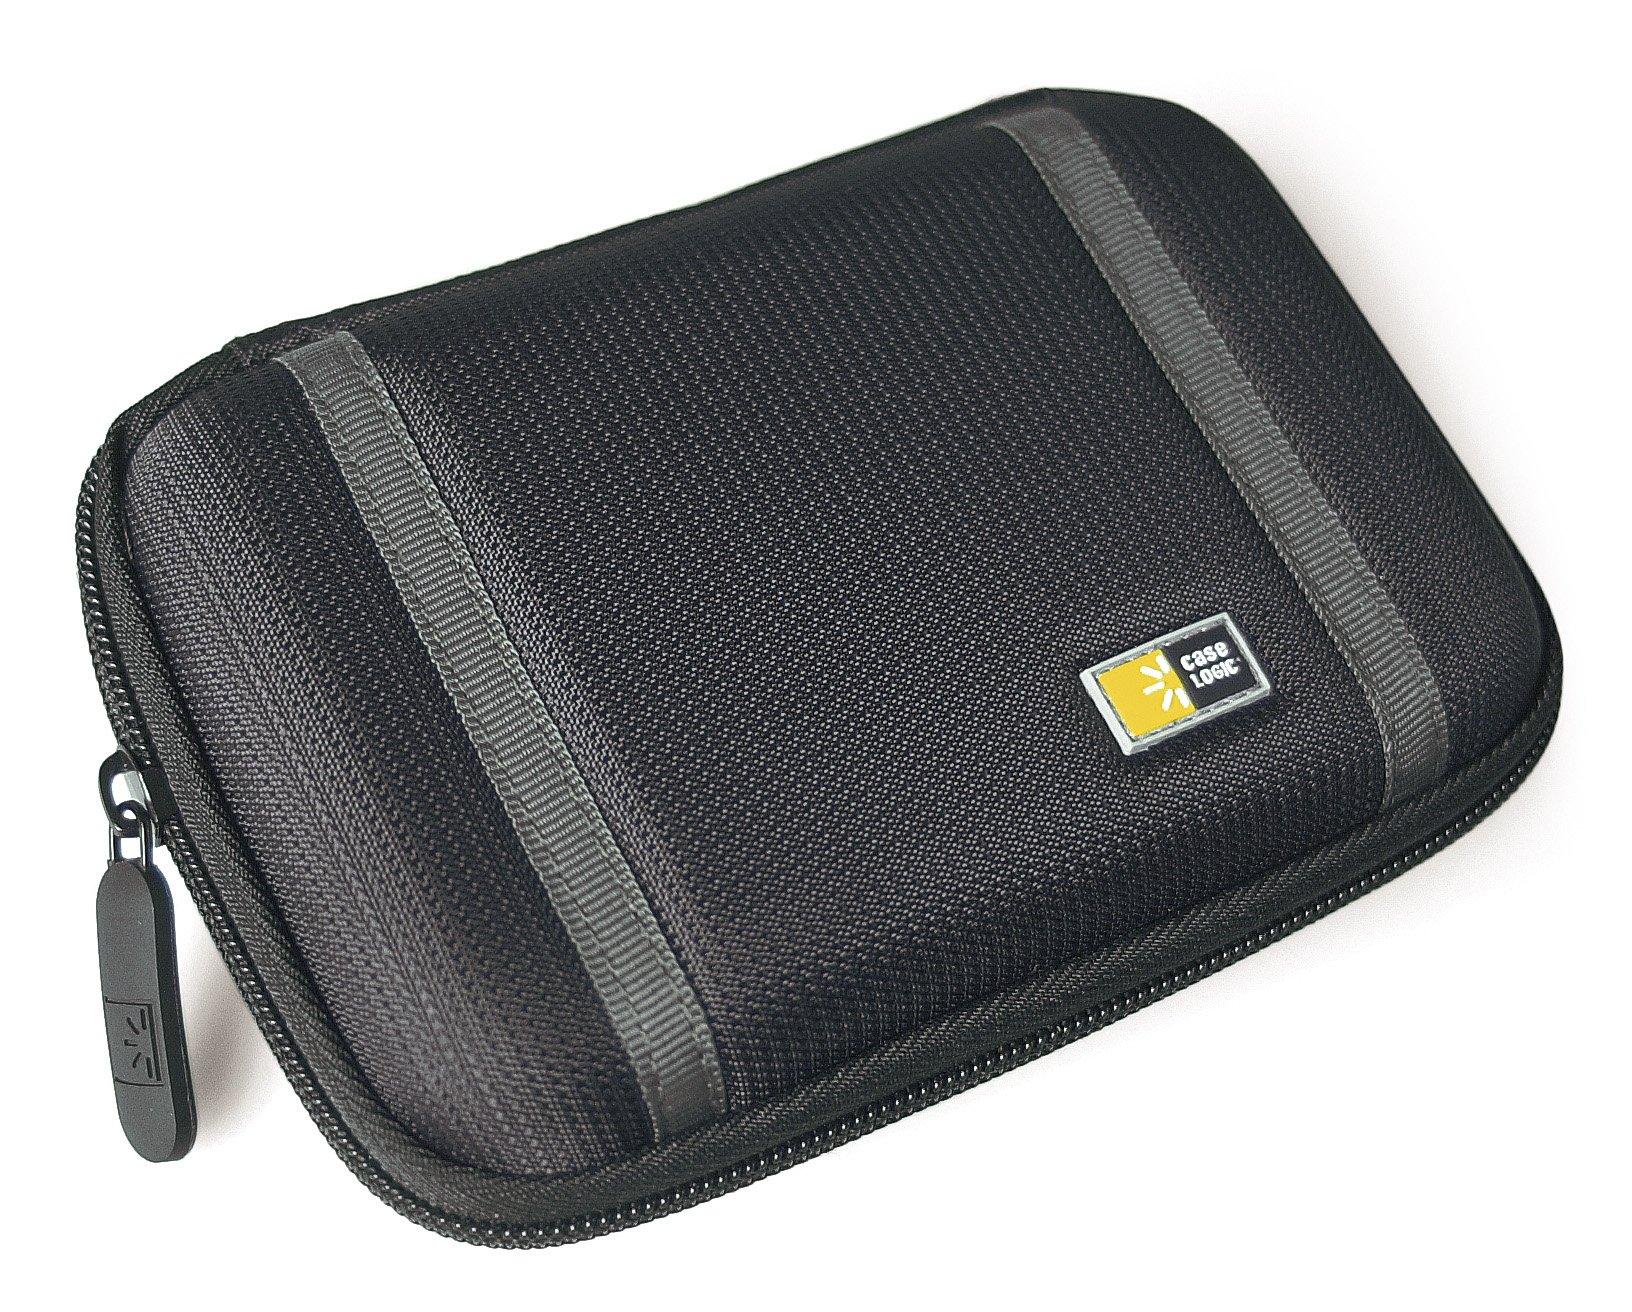 New Case Logic 3.5 GPS Hardshell Case Caselogic